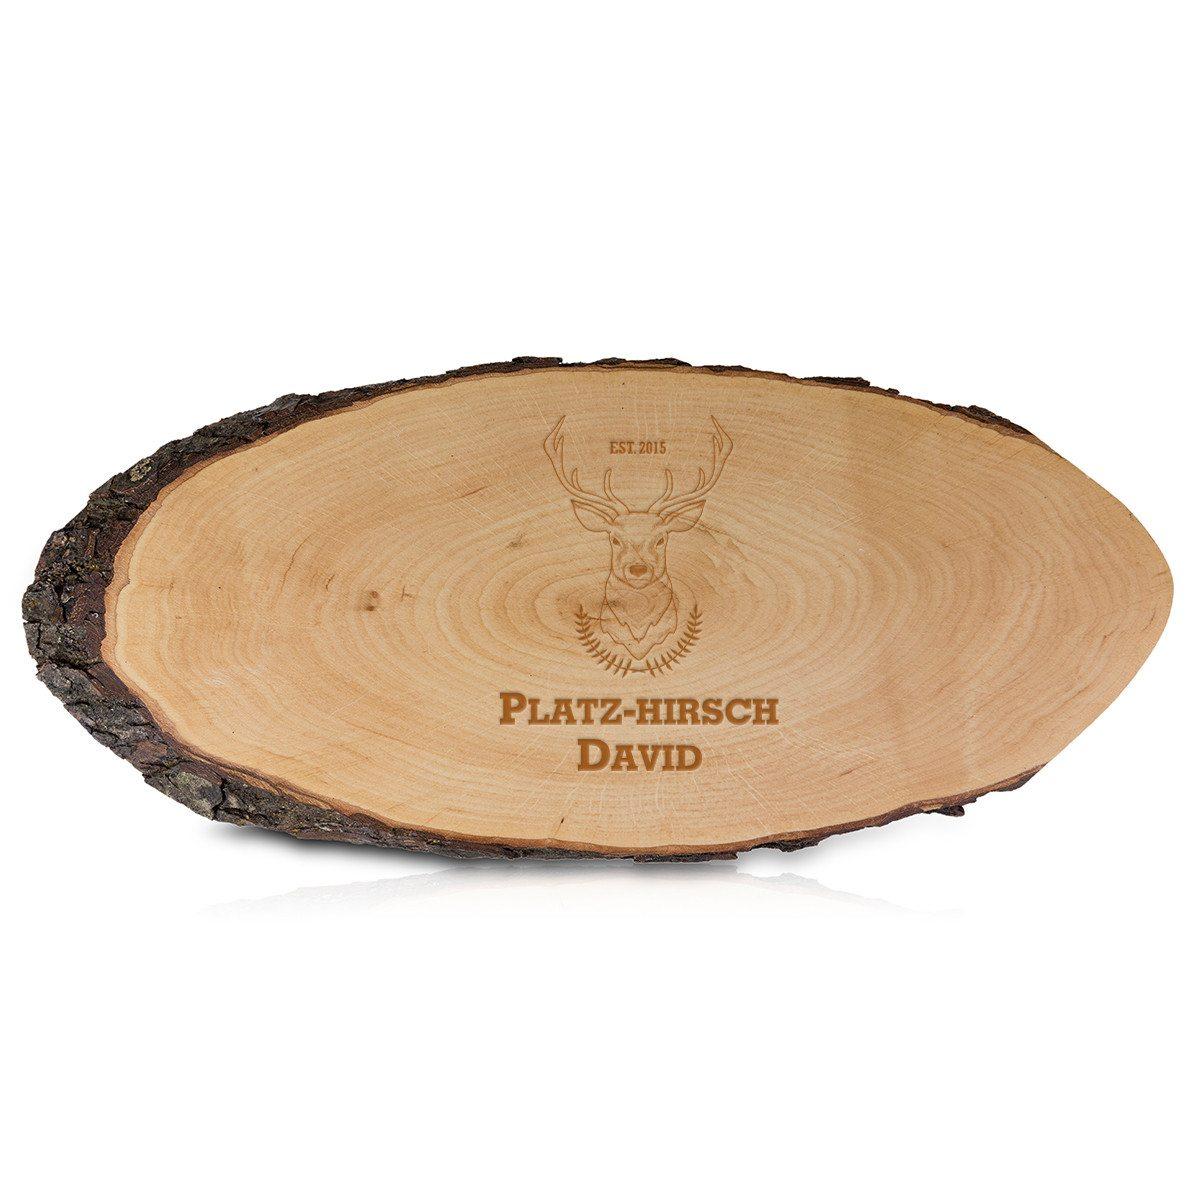 Serveringsbræt af træ med indgravering